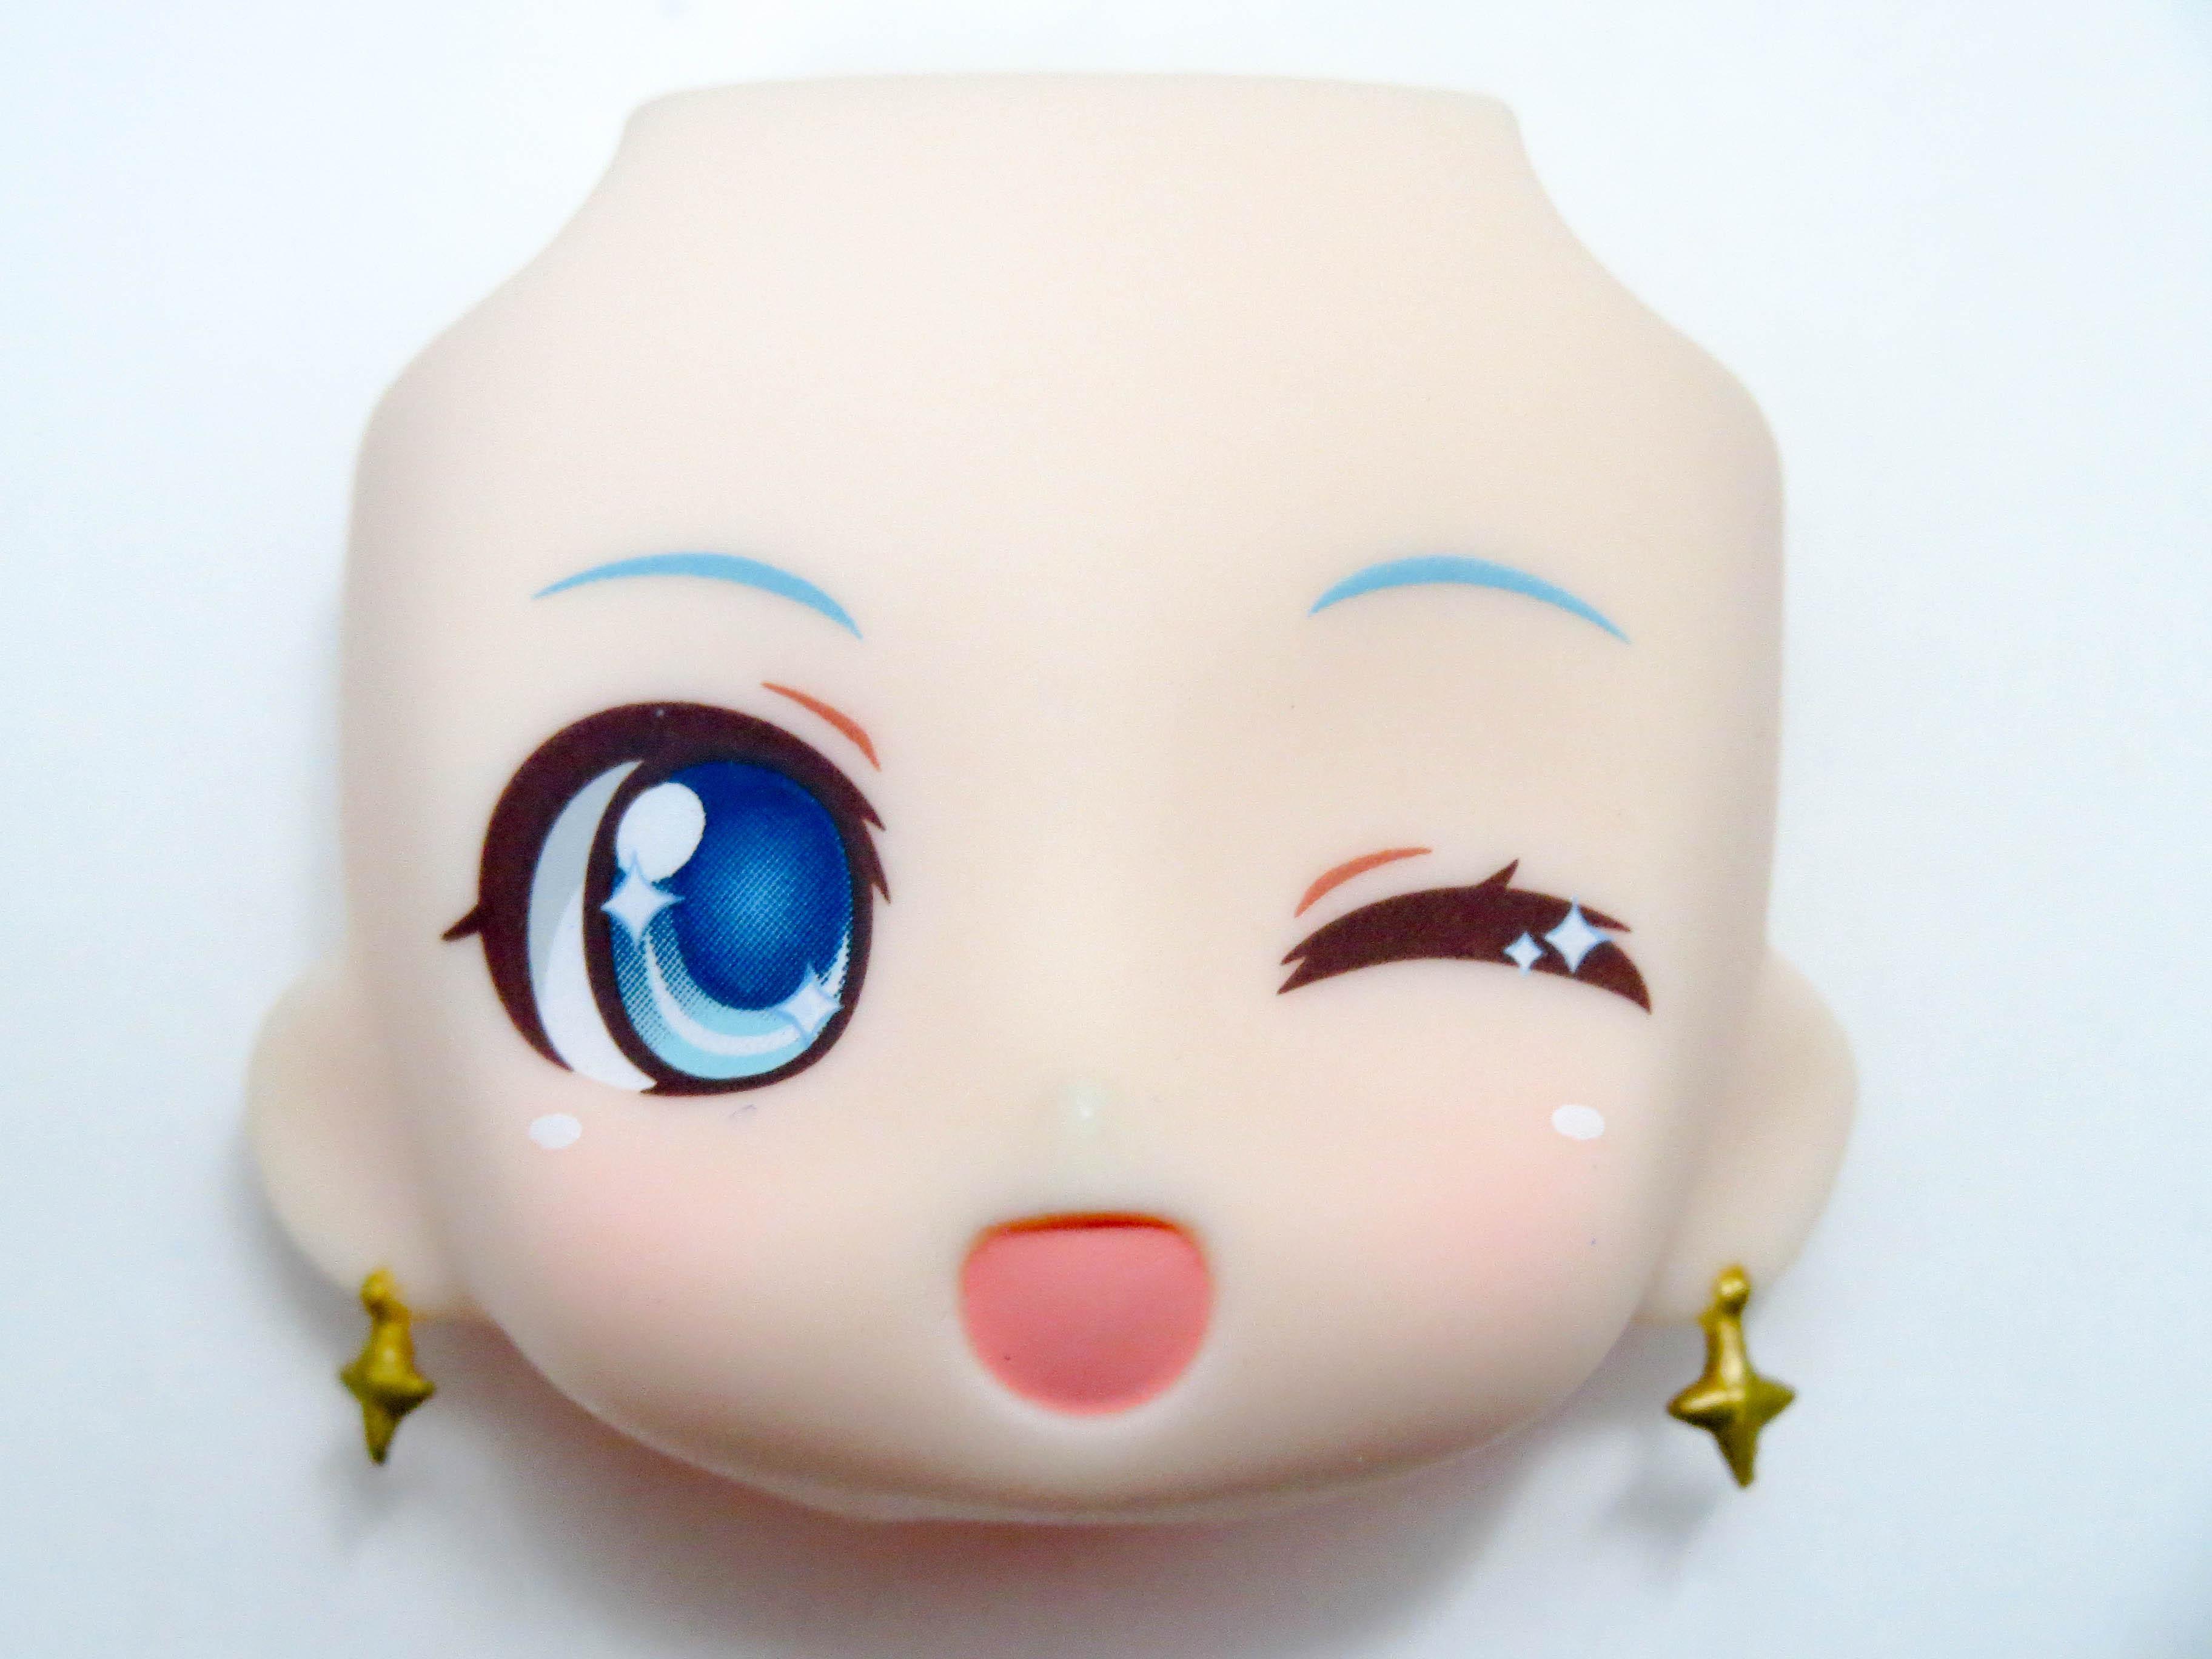 【701】 雪ミク Twinkle Snow Ver. 顔パーツ ウインク顔 (A-ランク) ねんどろいど